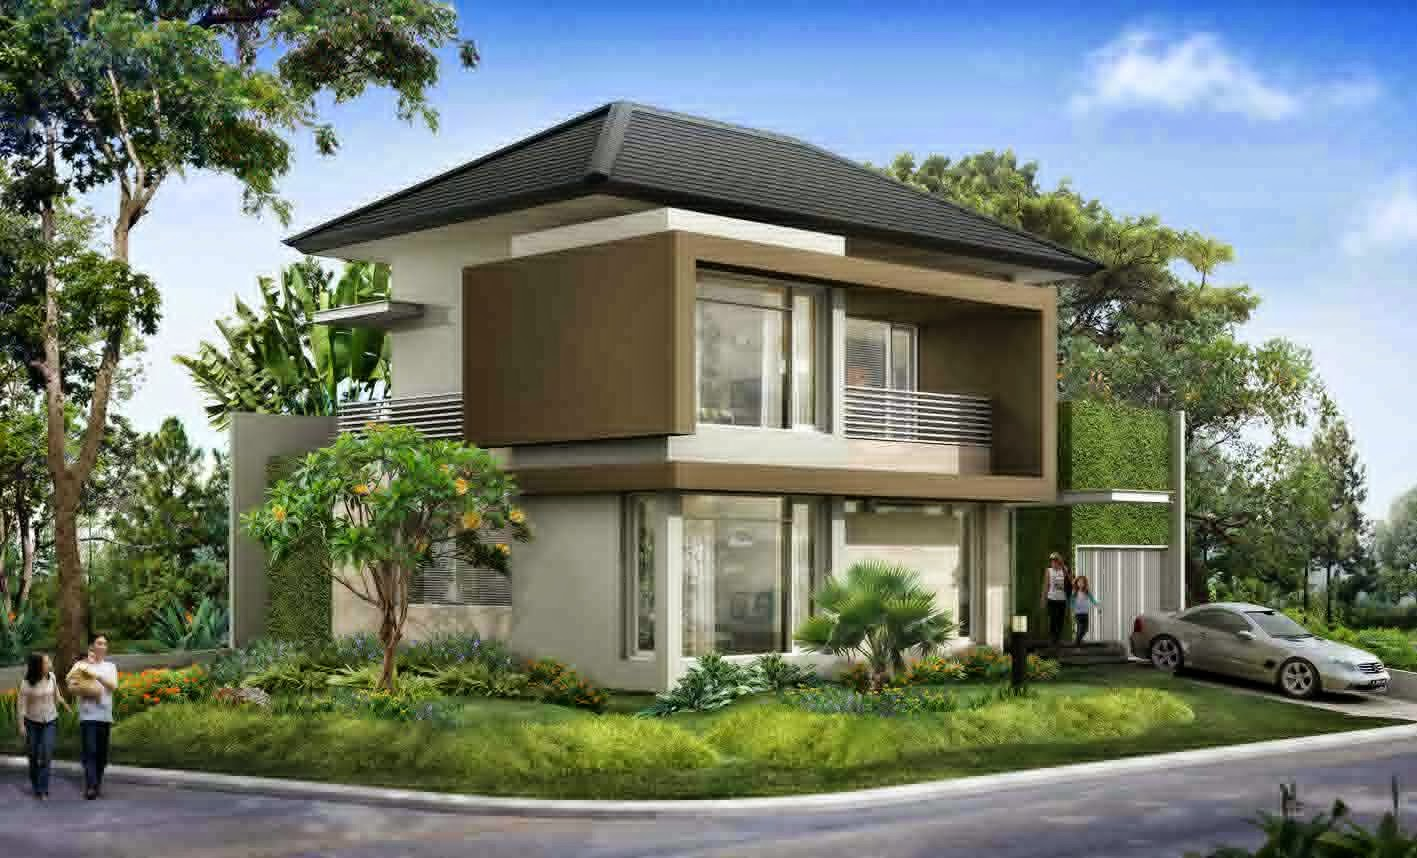 Gambar Rumah Minimalis 2 Lantai Desain RumahKu